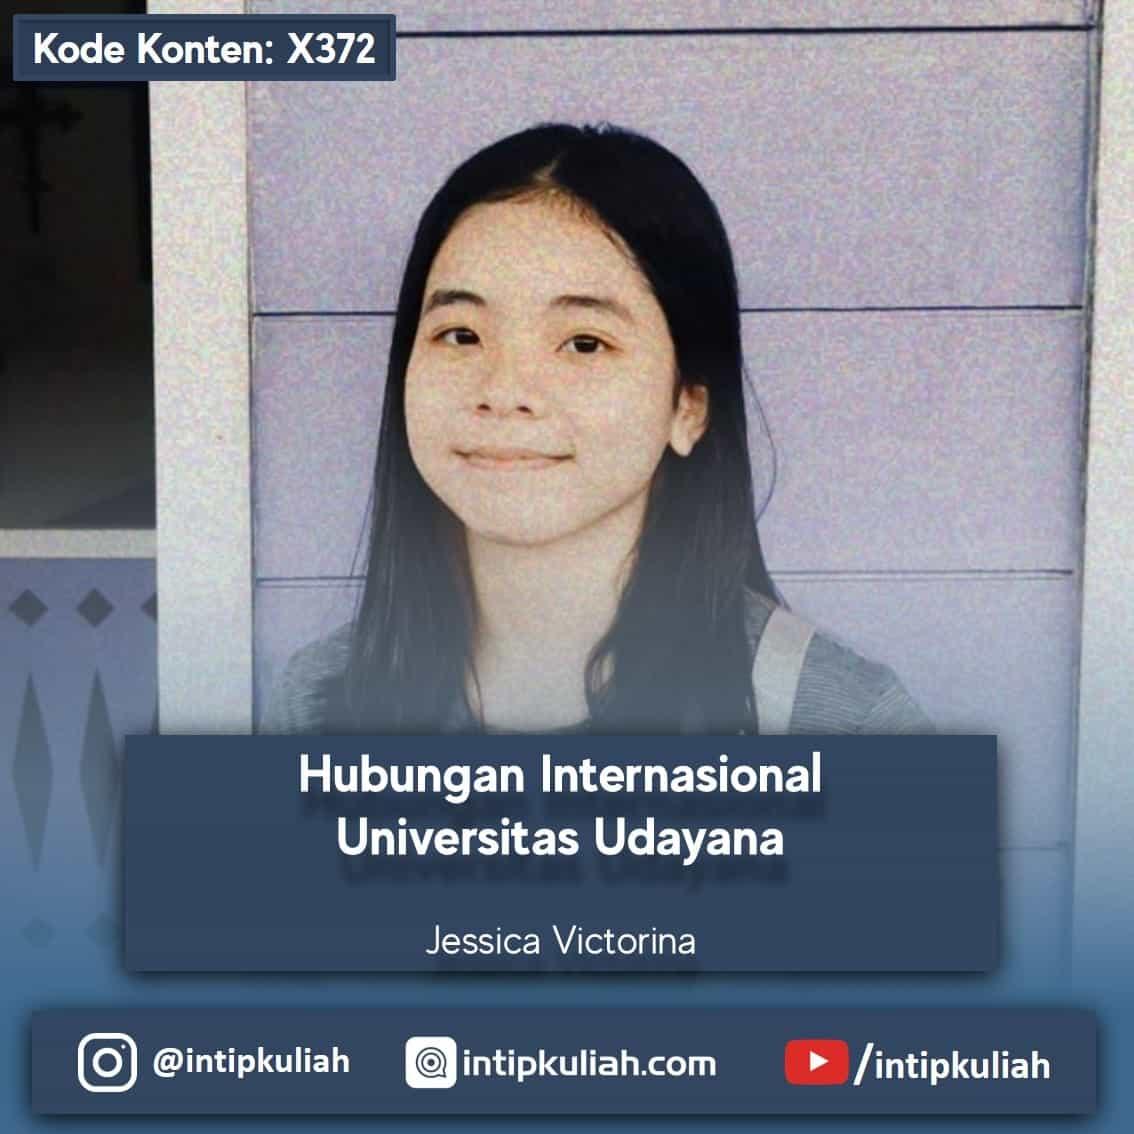 Hubungan Internasional Universitas Udayana (Jessica)